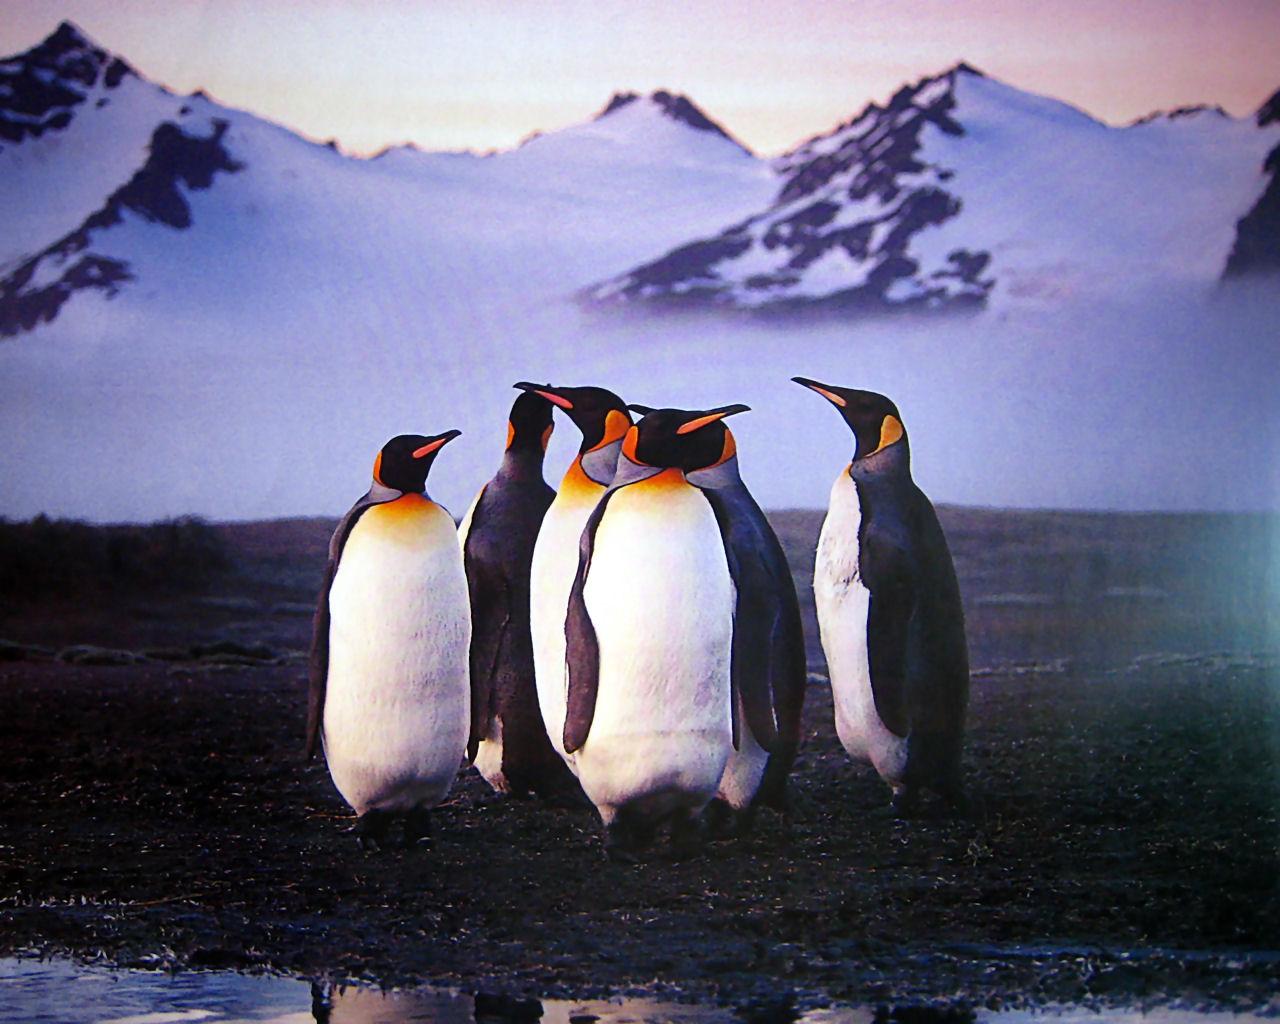 download wallpaper: pooldieren – een groepje pinguins wallpaper